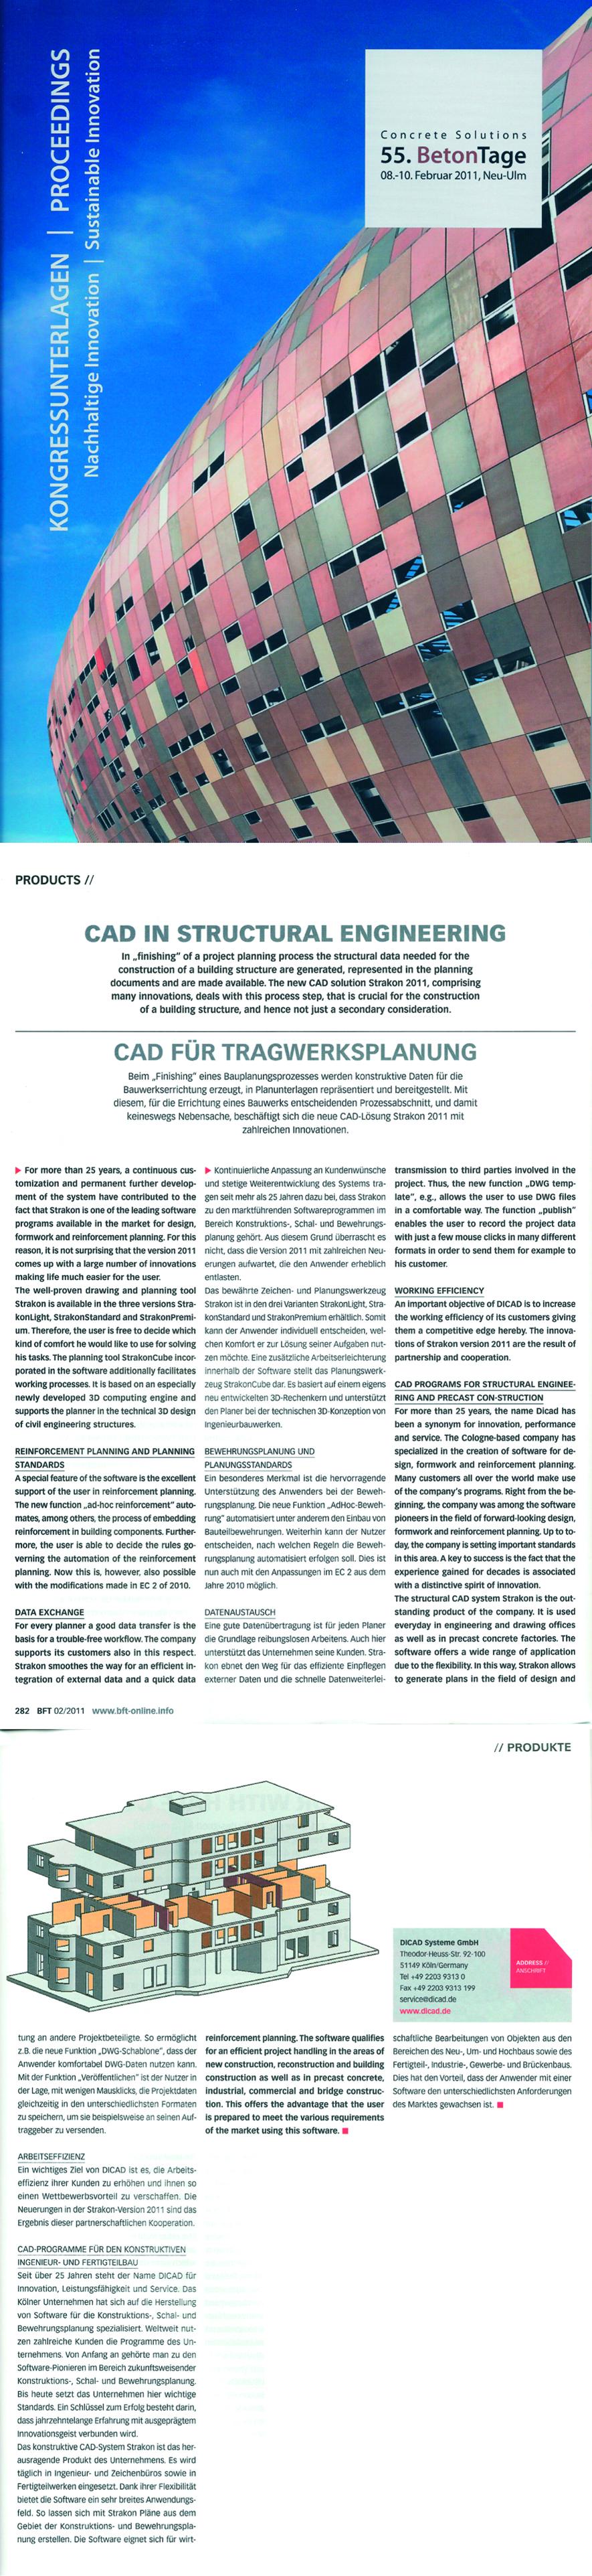 Veröffentlichung in Fachzeitschrift